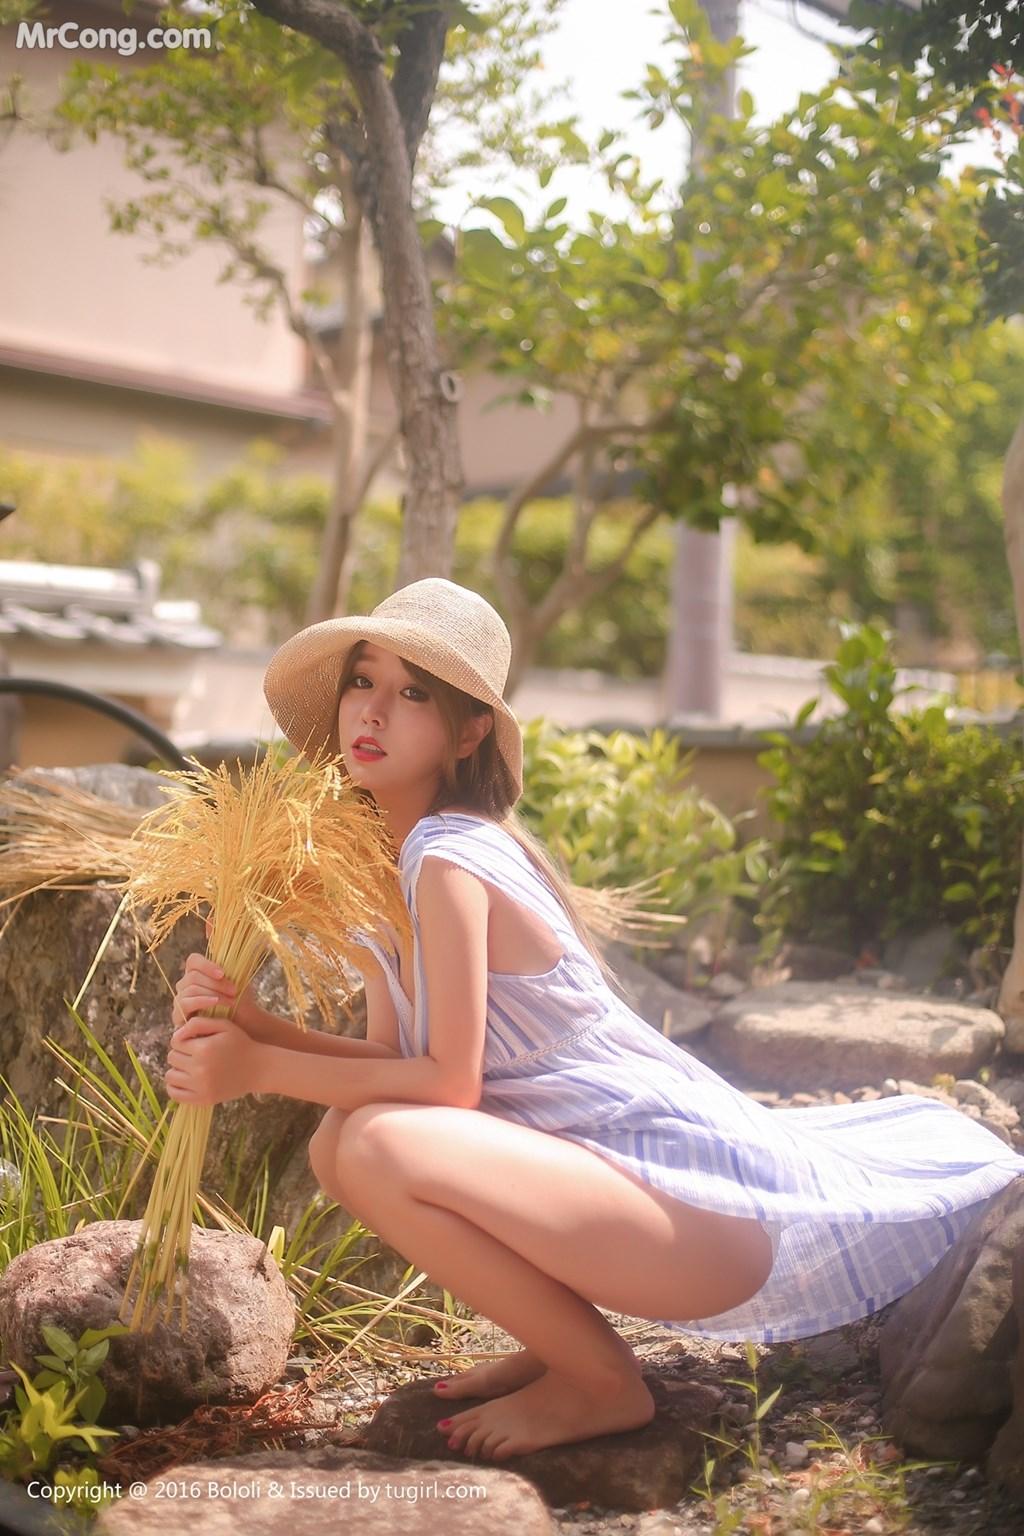 Gambar: BoLoli-2017-08-14-Vol.102-Wang-Yu-Chun-MrCong.com-014 dalam posting BoLoli 2017-08-14 Vol.102: Model Wang Yu Chun (王 雨 纯) (49 foto)